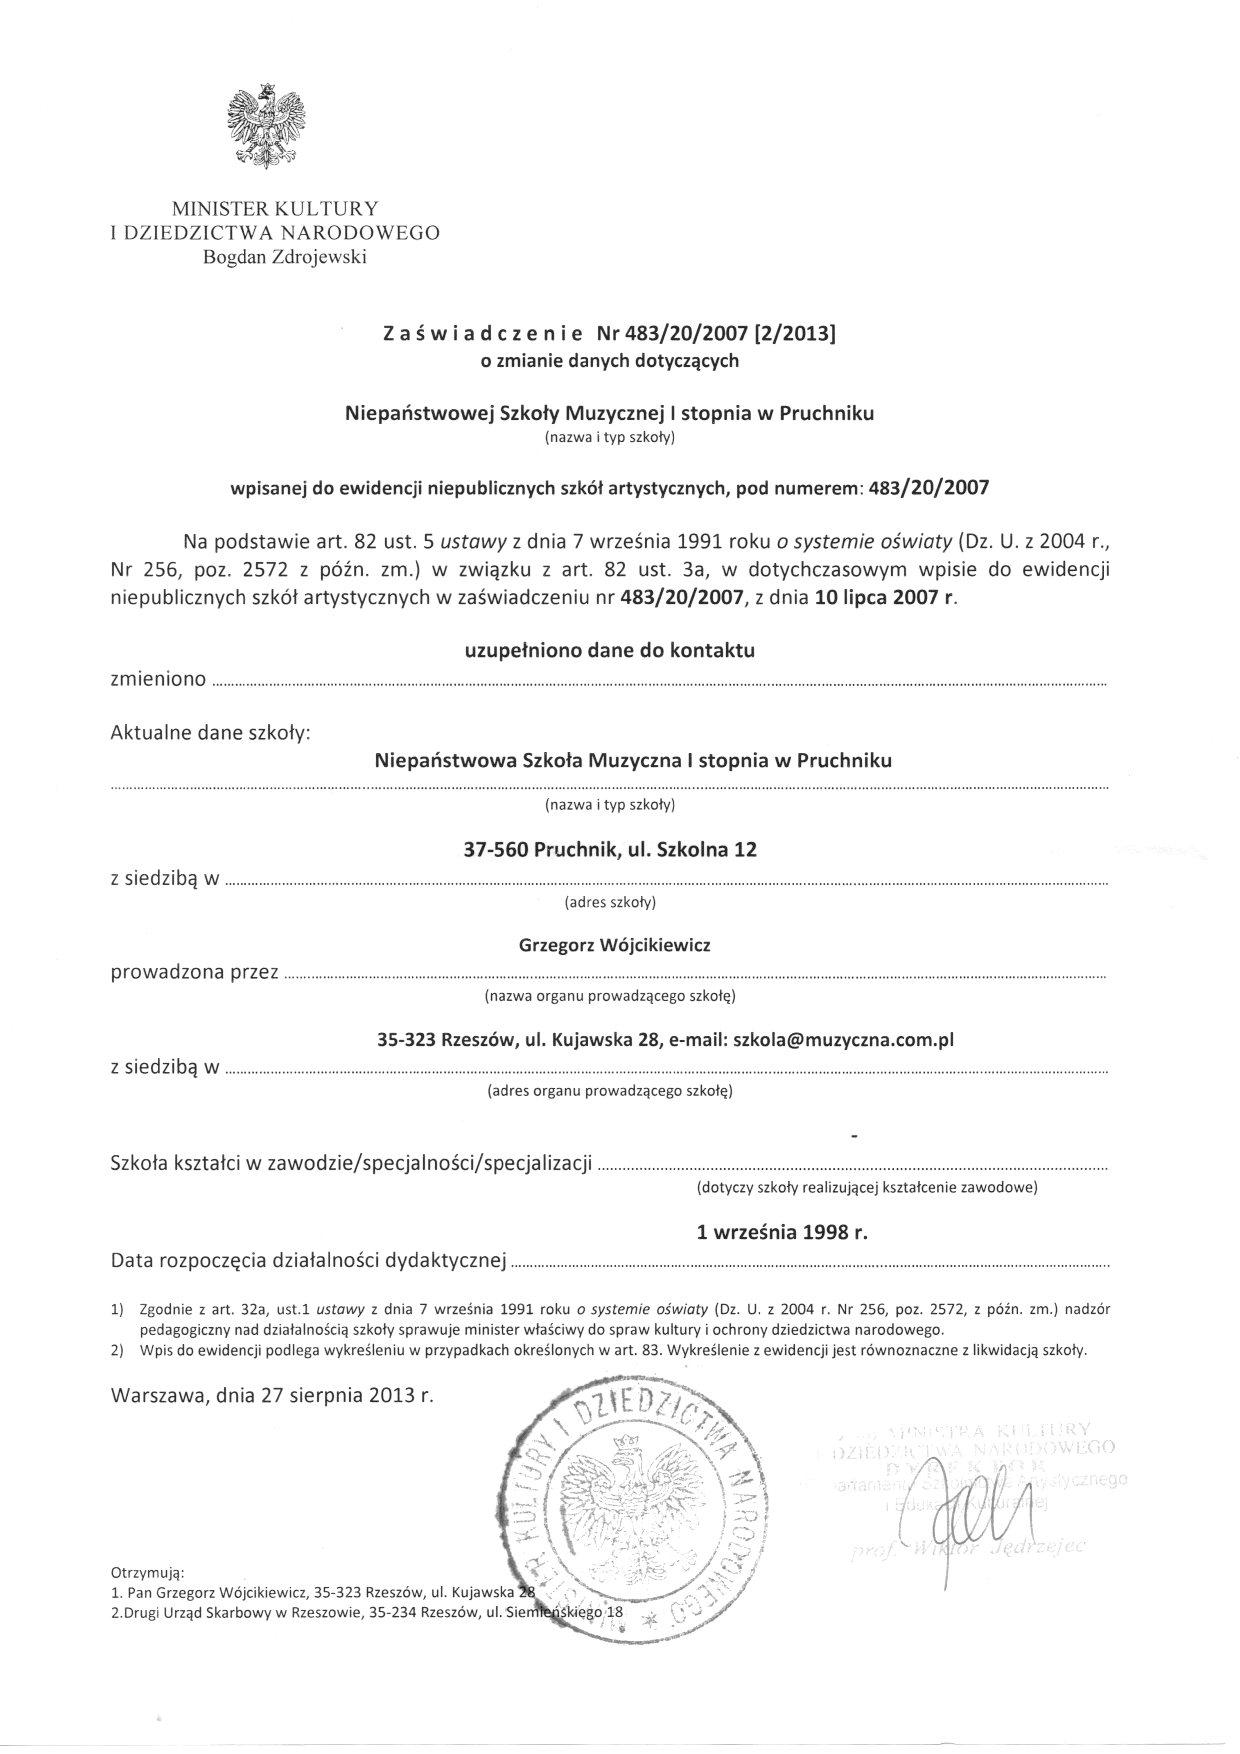 Zaświadczenie o wpisie do ewidencji szkół - NSM I st. w Pruchniku